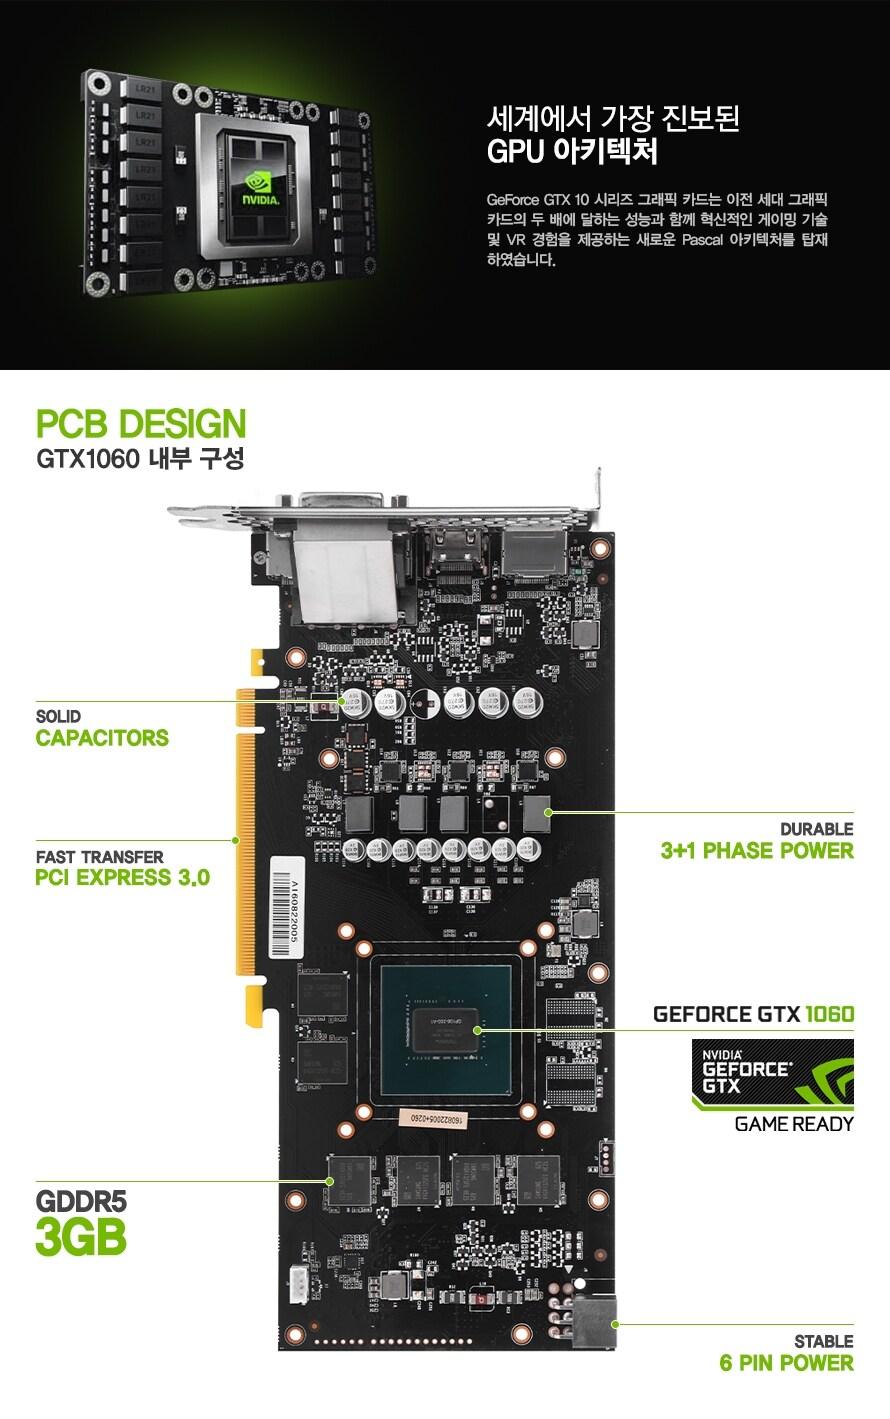 세계에서 가장 진보된 GPU 아키텍처GeForce GTX 10 시리즈 그래픽 카드는 이전 세대 그래픽 카드의 두 배에 달하는 성능과 함께 혁신적인 게이밍 기술 및 VR 경험을 제공하는 새로운 Pascal 아키텍처를 탑재 하였습니다.PCB 내부 구성솔리드 캐페시터3+1 페이즈 전원부 구성PCI 익스프레스 3.0GEFORCE GTX 1060 칩셋GDDR5 3GB 메모리6핀 보조 전원